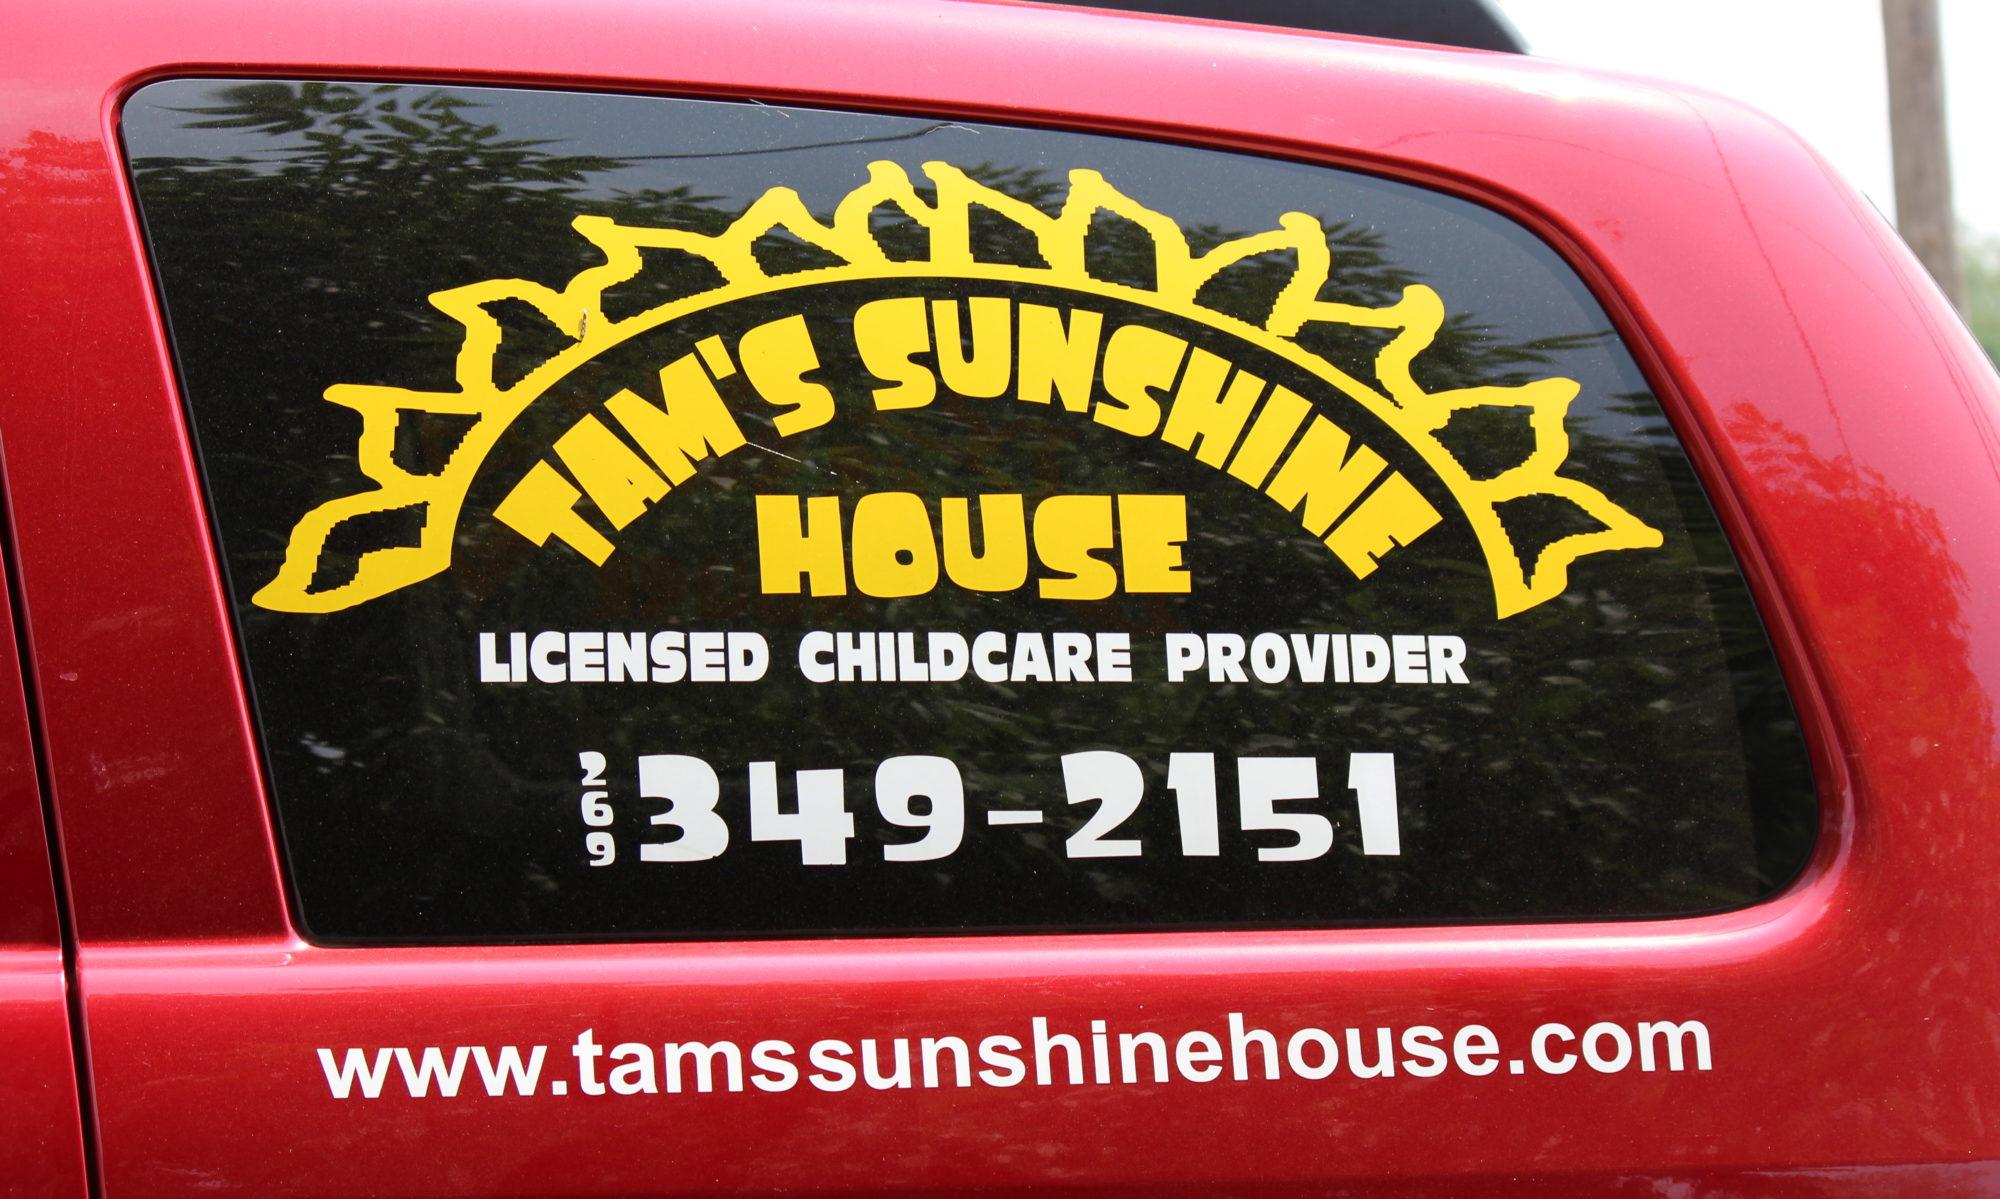 Tam's Sunshine House